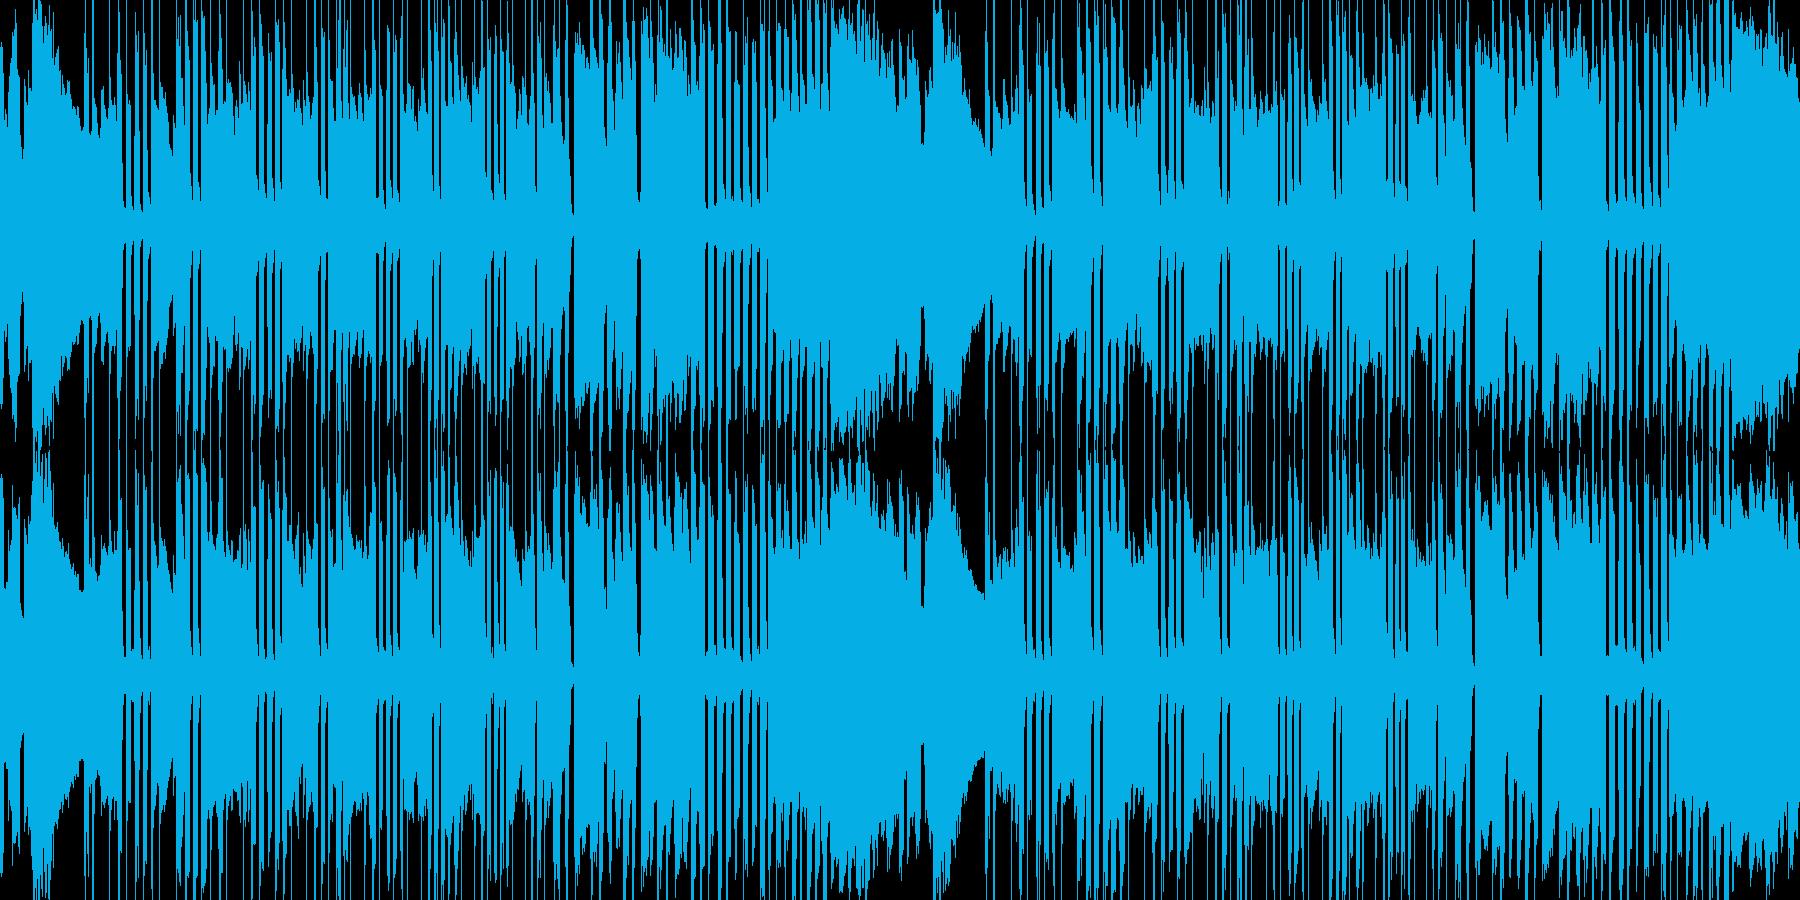 遅くなったり早くなったりする曲の再生済みの波形